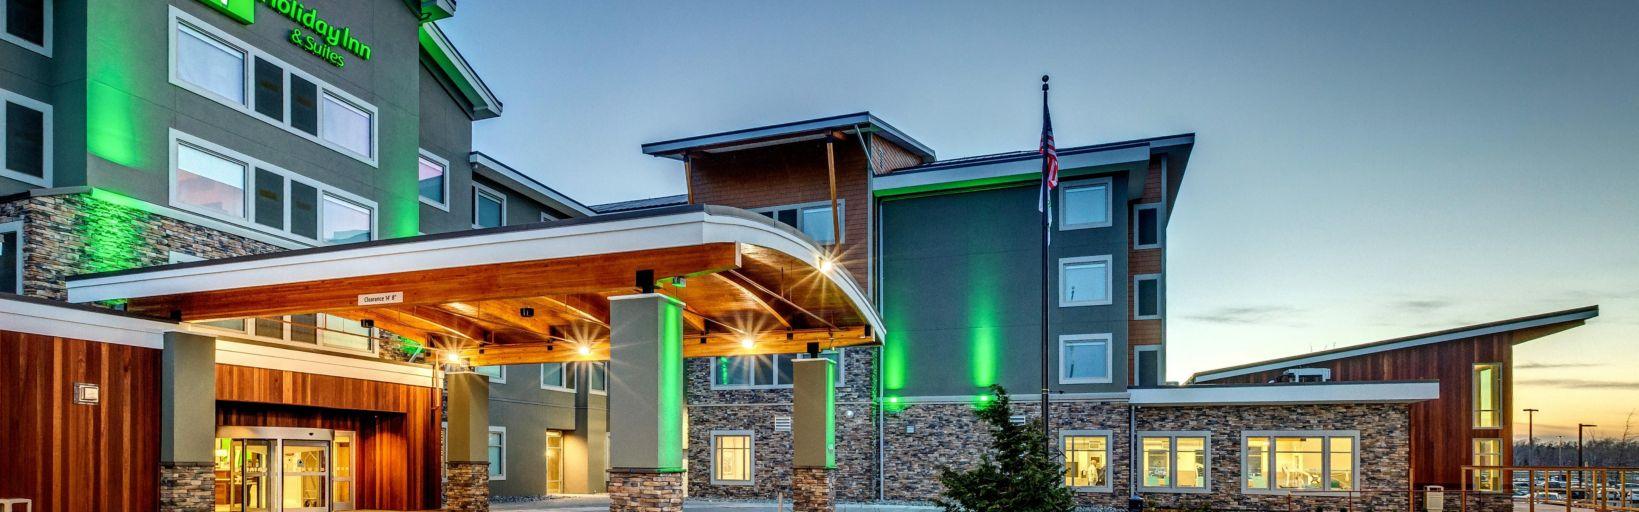 Holiday Inn Hotel & Suites Bellingham Hotel by IHG